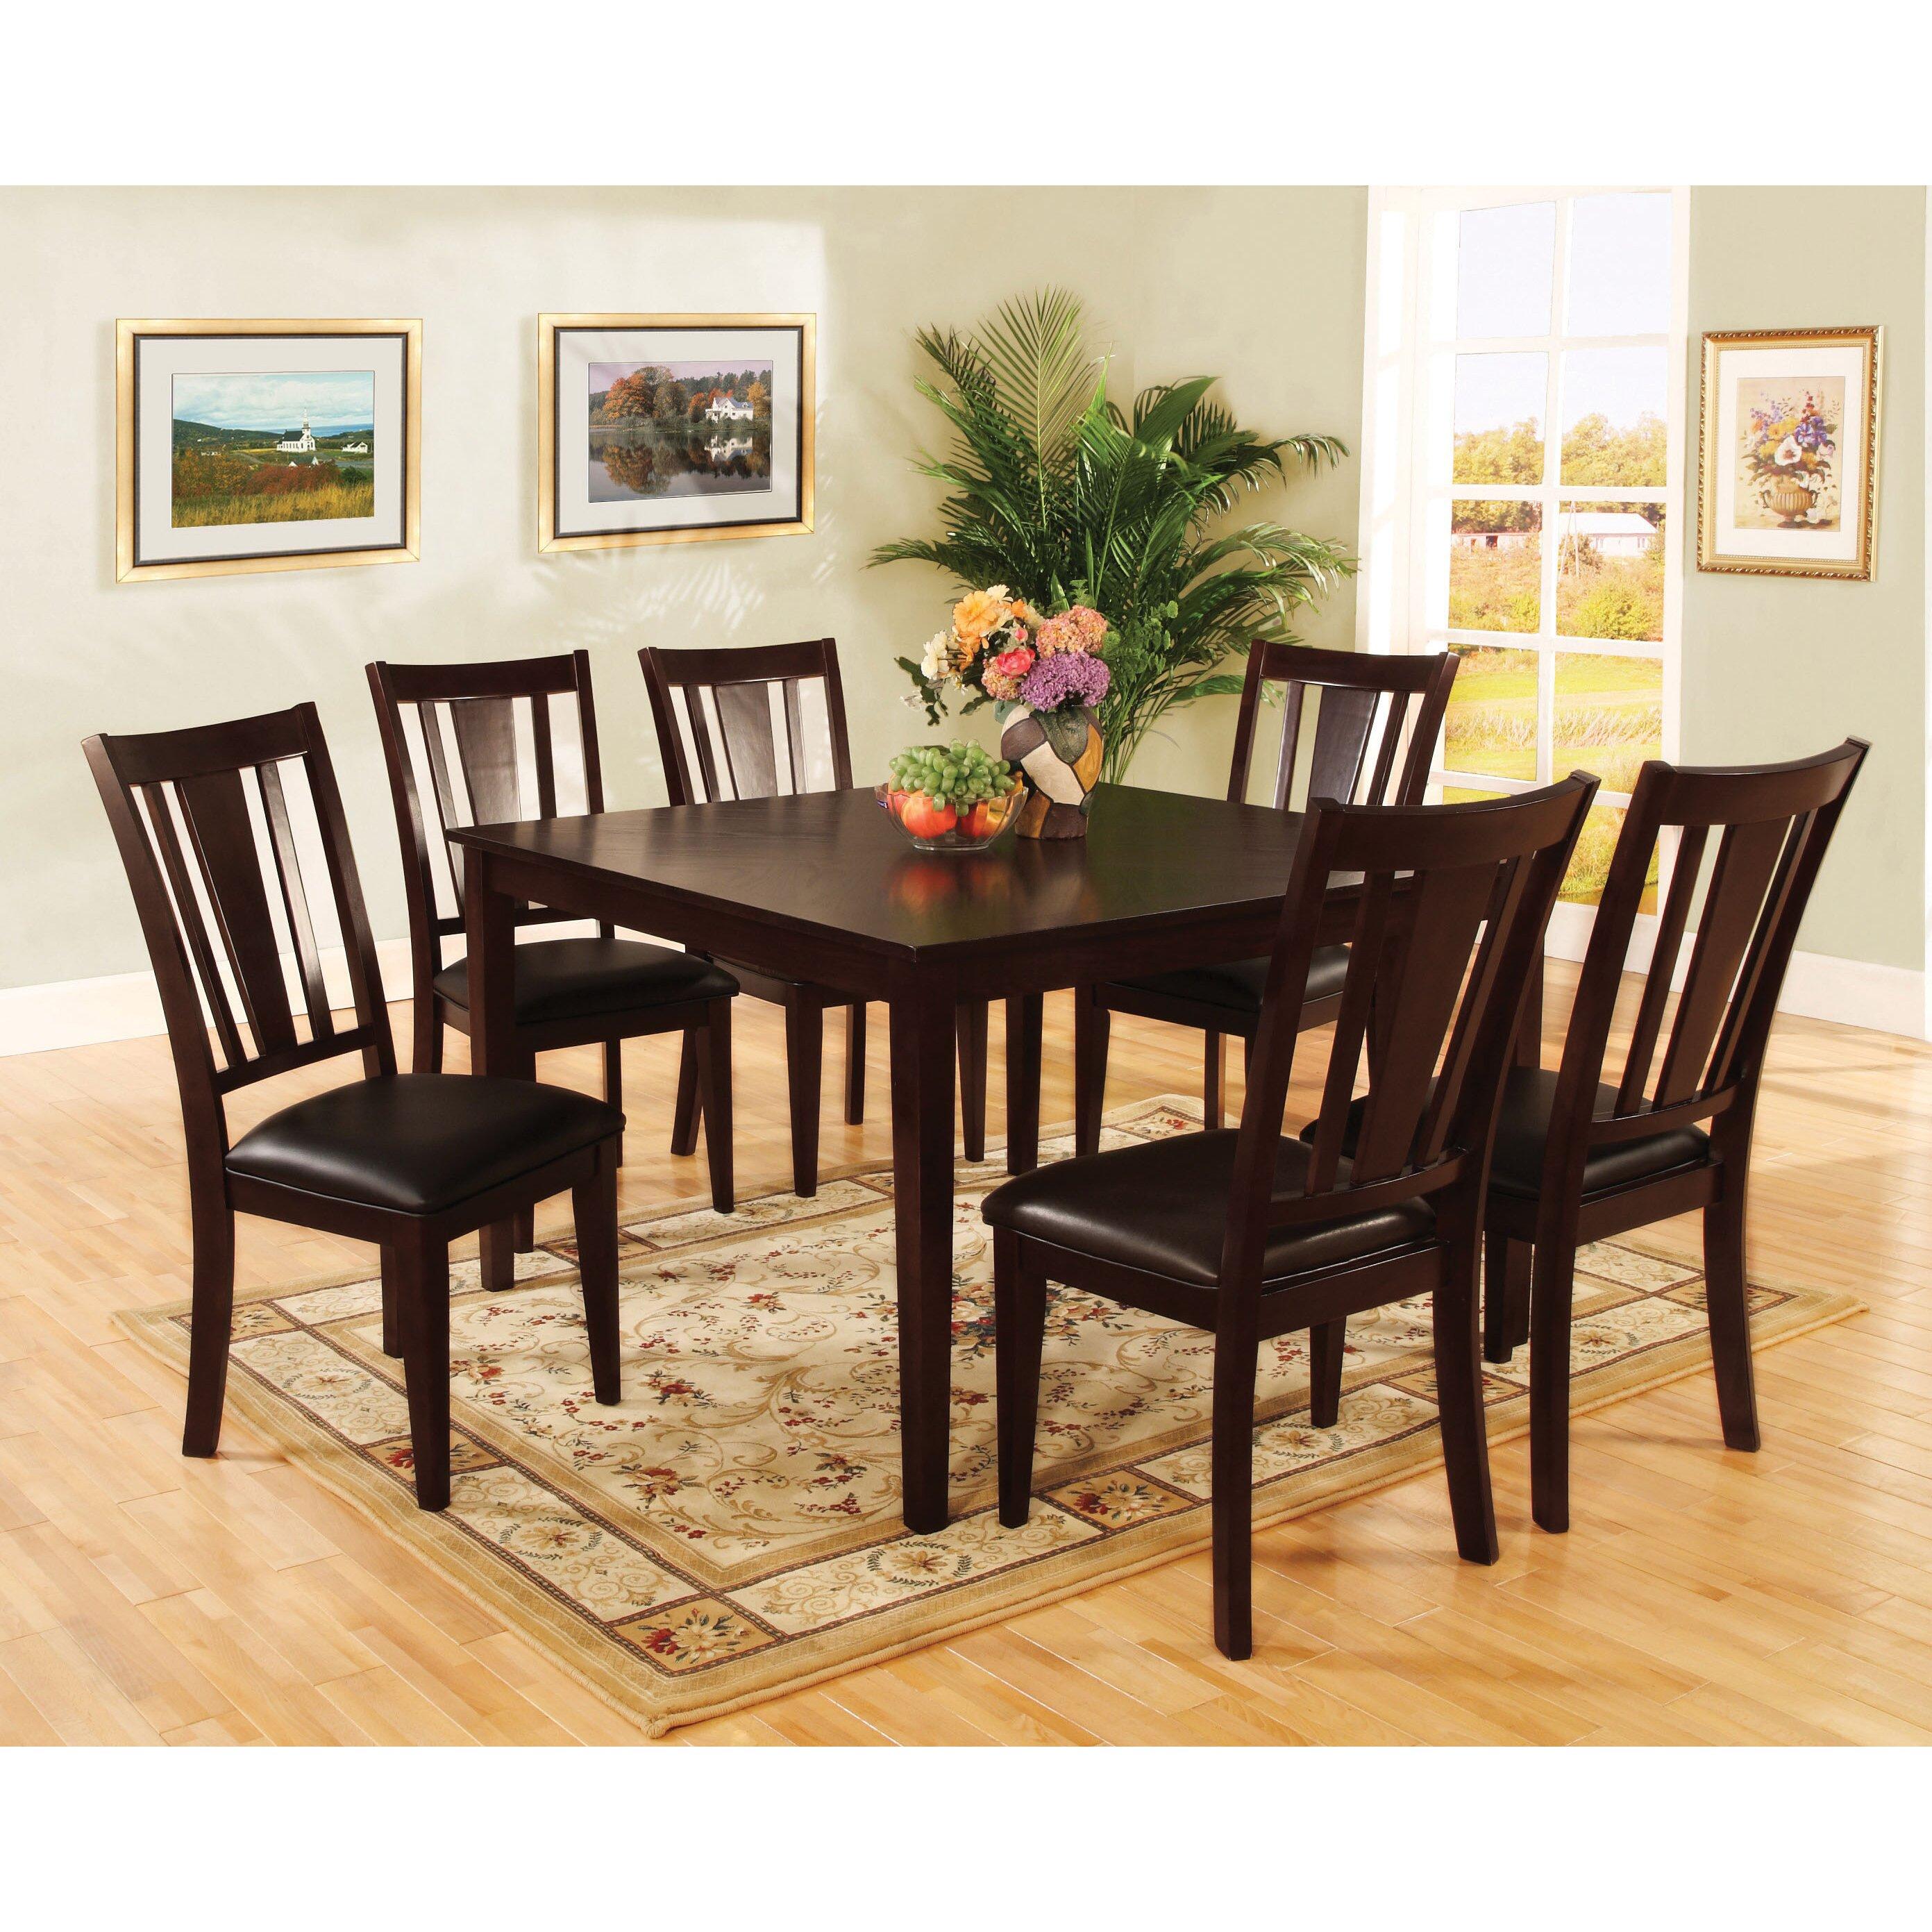 7 Piece Dinette Sets: Hokku Designs Bridgette 7 Piece Dining Set & Reviews